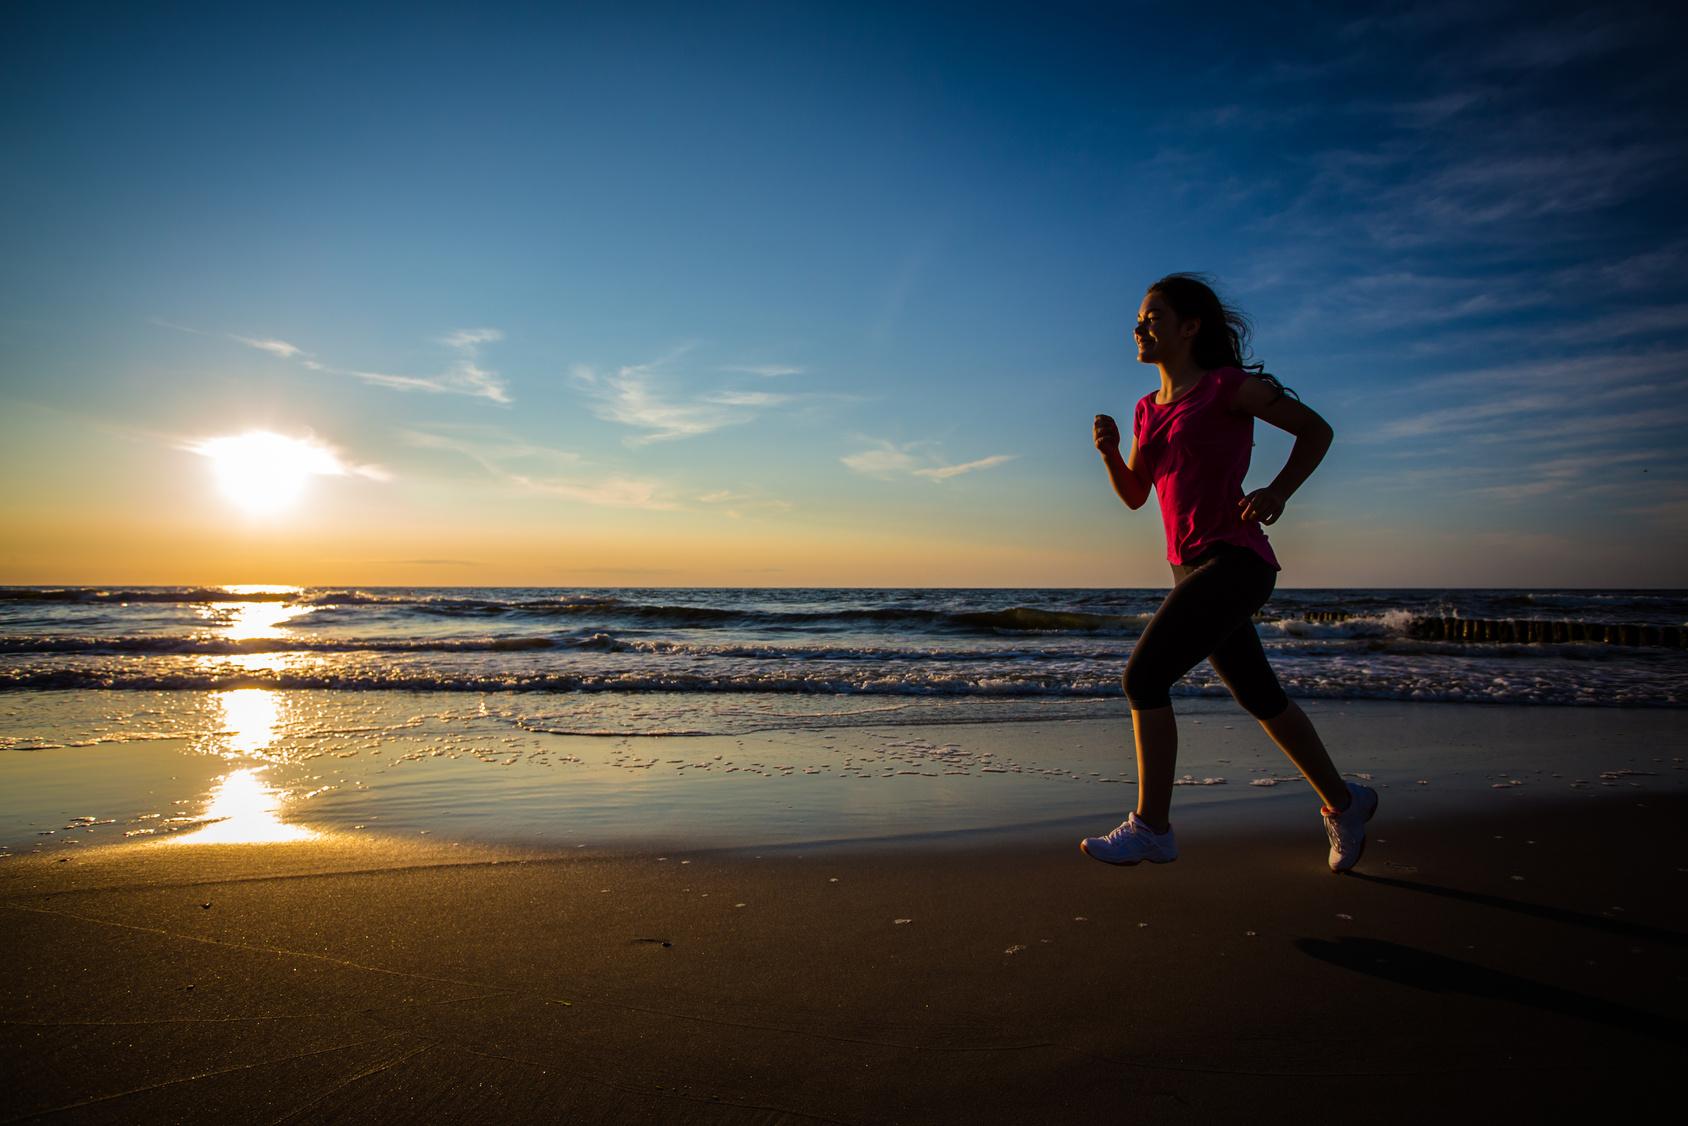 Συμβουλές για τρέξιμο στην παραλία